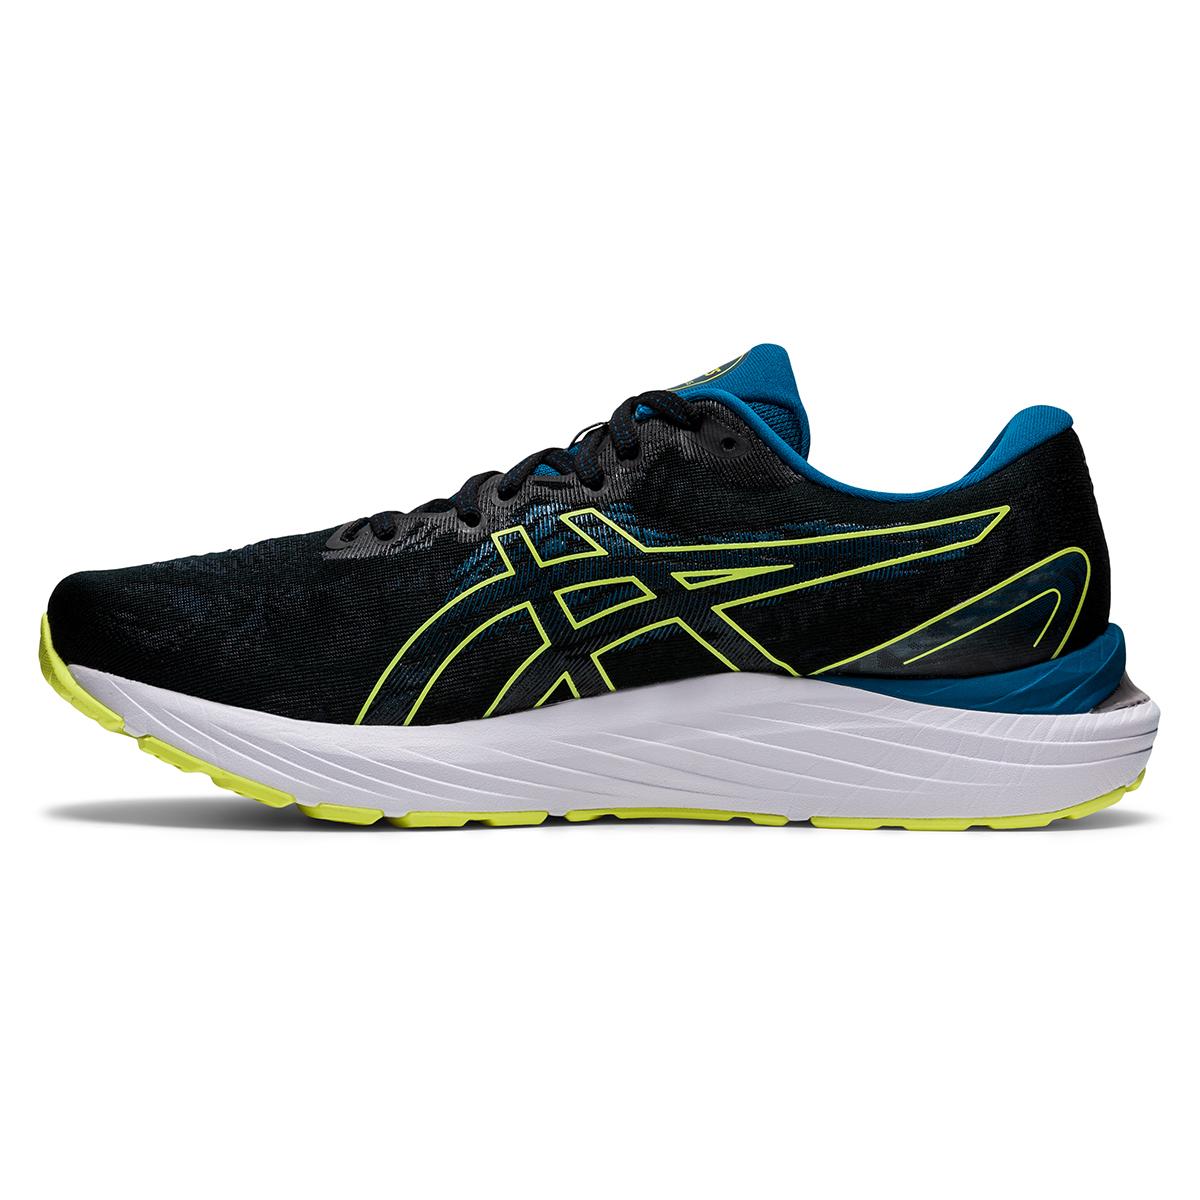 Men's Asics Gel-Cumulus 23 Running Shoe - Color: Black/Glow Yellow - Size: 7 - Width: Regular, Black/Glow Yellow, large, image 2